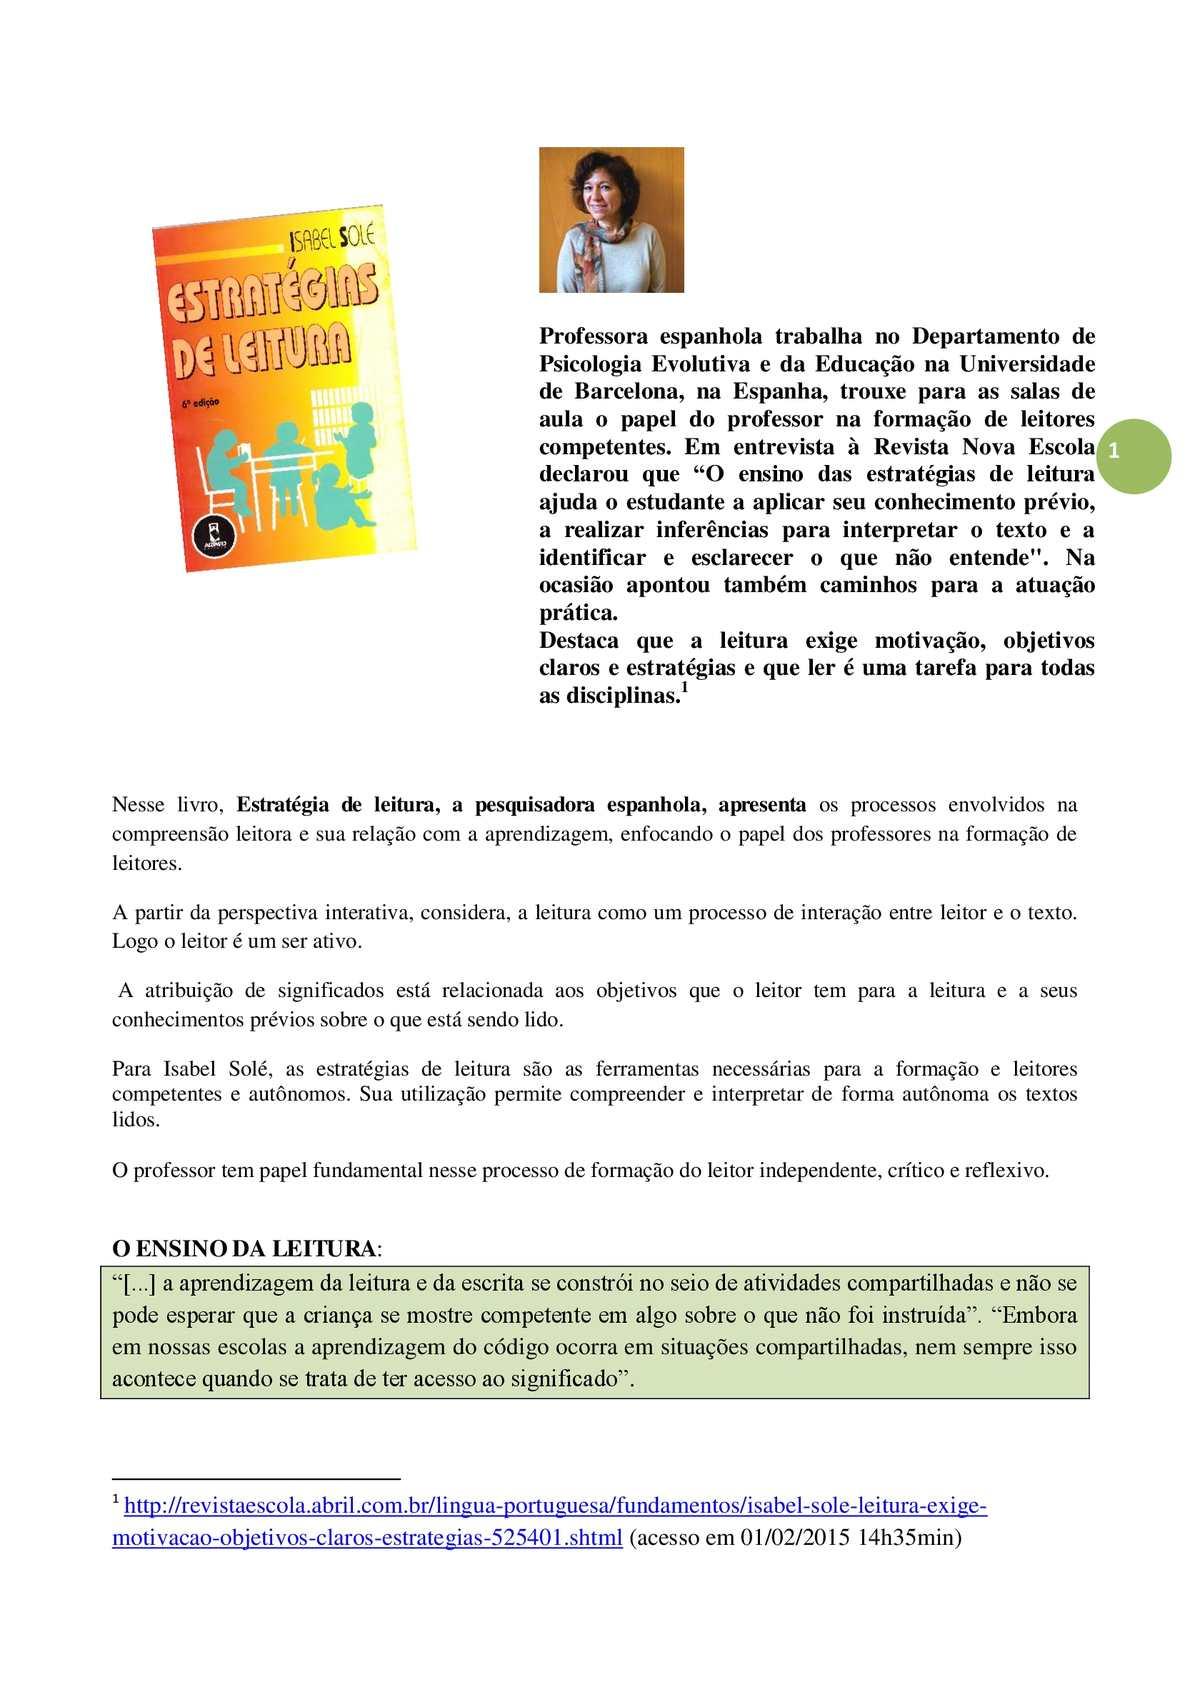 """""""Estratégias de Leitura""""- Isabel Solé  -  resumo"""